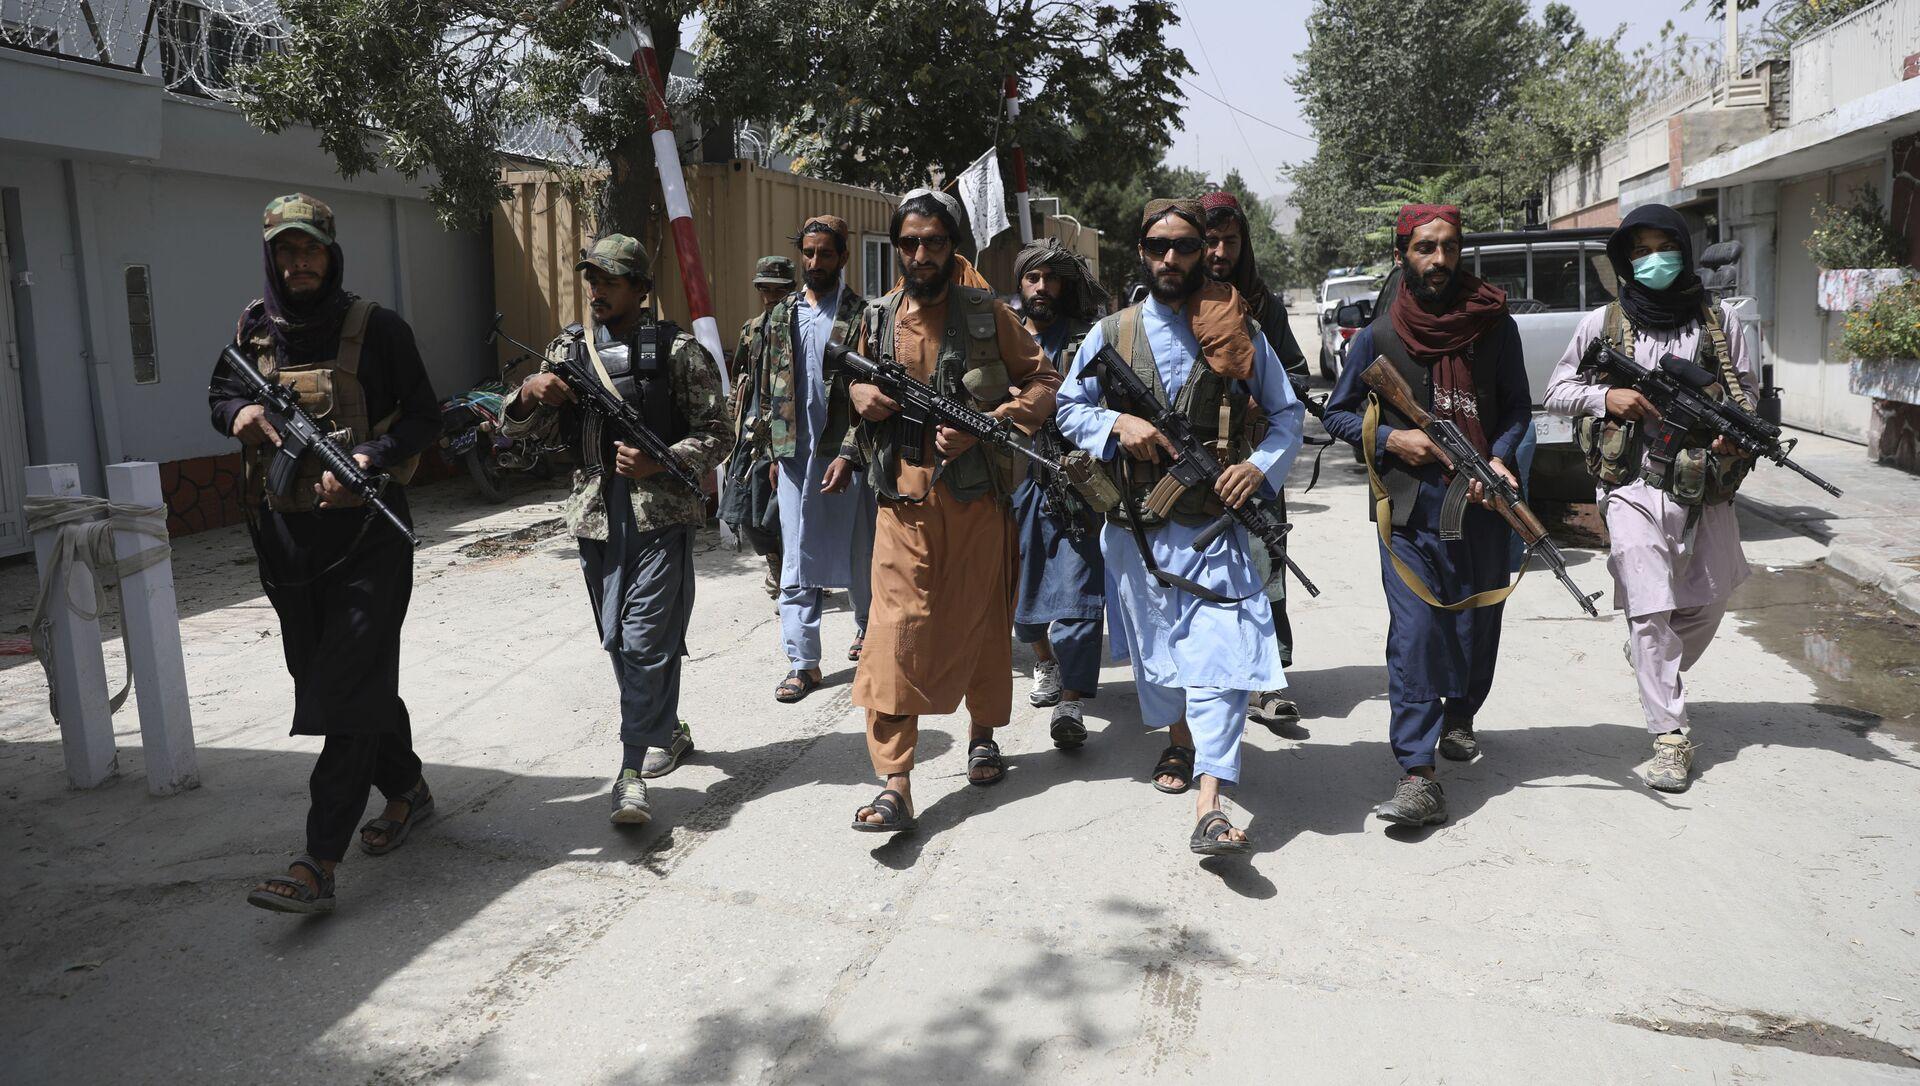 Боевики движения Талибан (террористическая группировка, запрещеннфая в РФ) в Кабуле, 18 авгутса 2021 года - Sputnik Azərbaycan, 1920, 01.09.2021